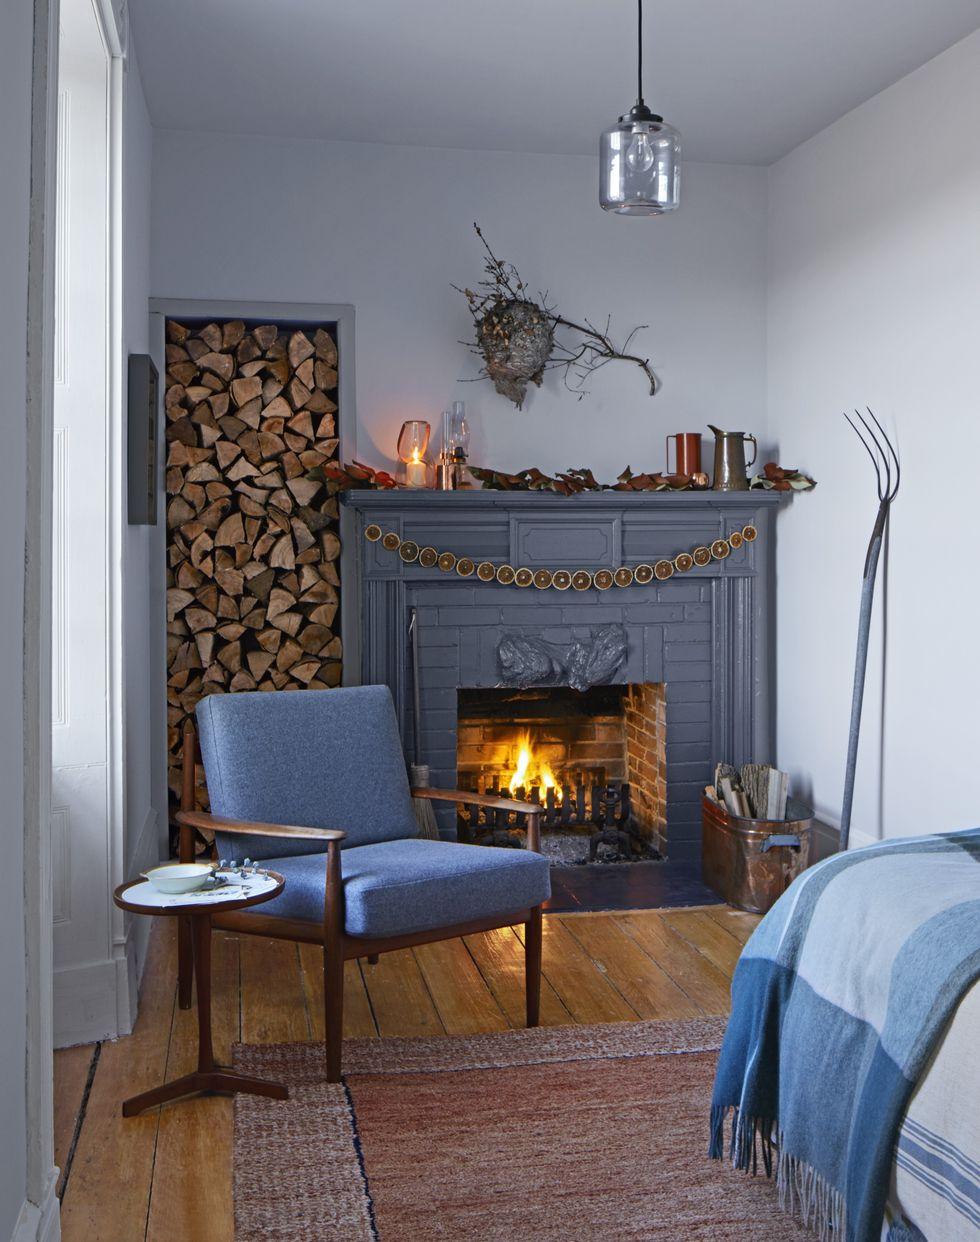 decoración salón en estilo rústico, guirnalda de frutas secas colgada en la chimenea de leña, excelentes ideas de guirnaldas navideñas